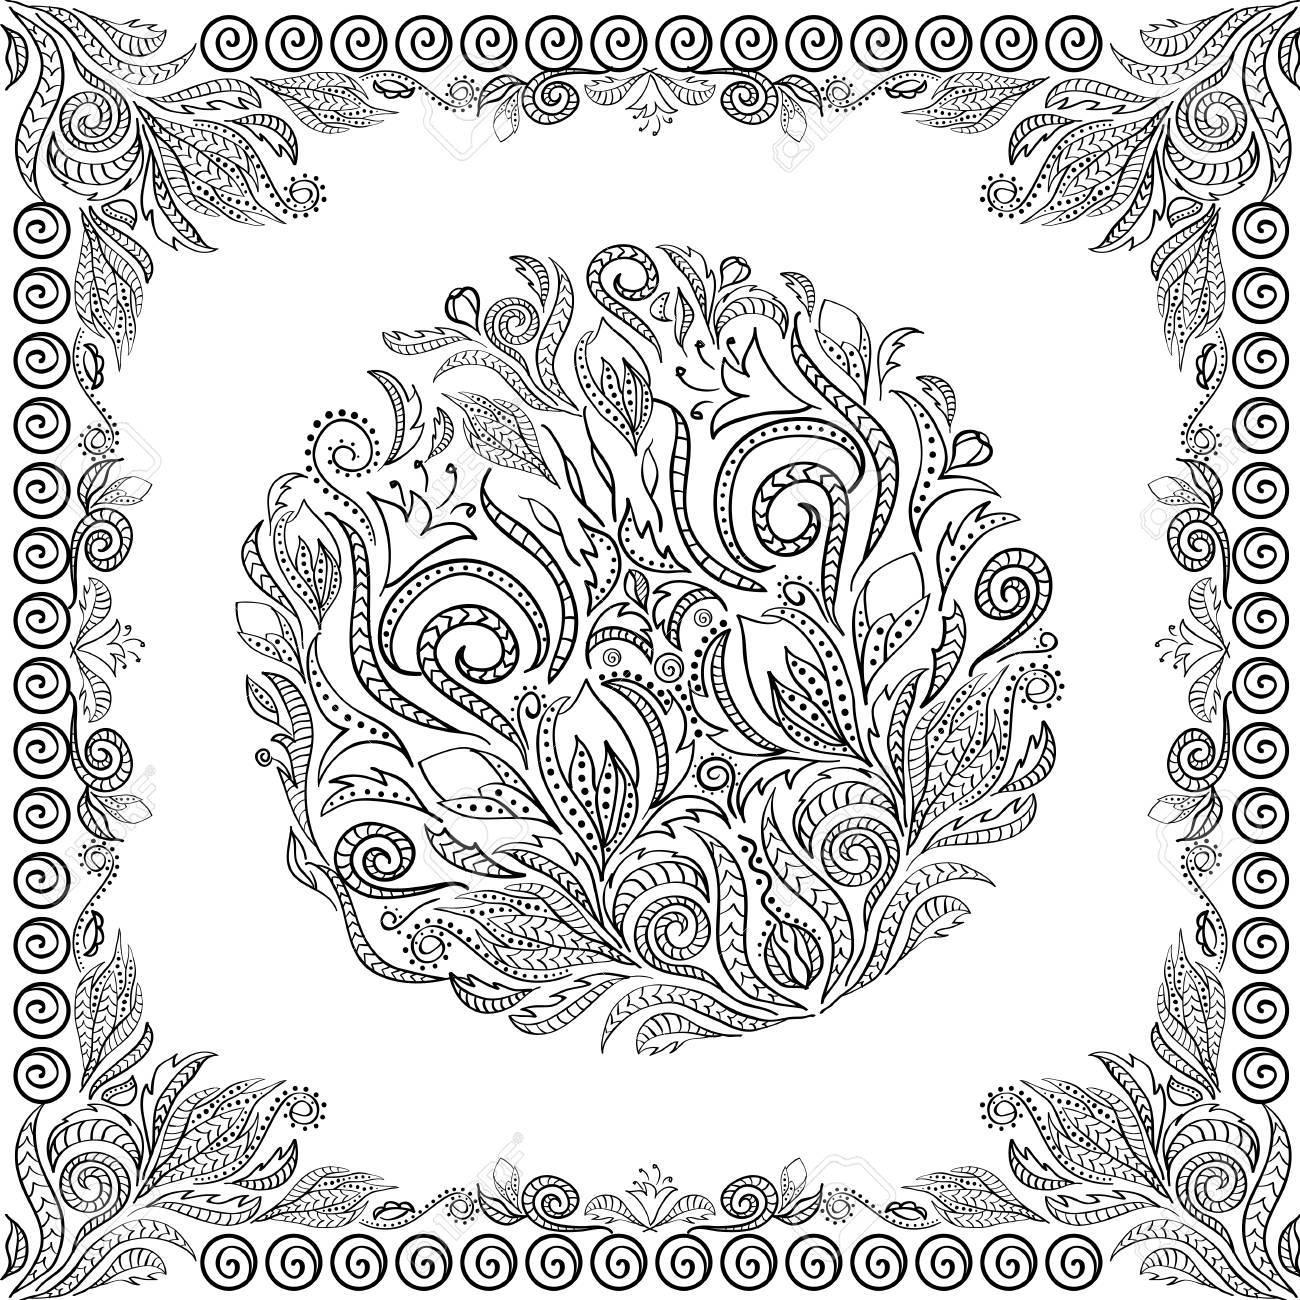 Vector Libro Para Colorear Para Adultos Y Niños Doodle Flores Dibujado A Mano Zentangle Con Adornos Florales Y étnicos Página Para Relajarse Y